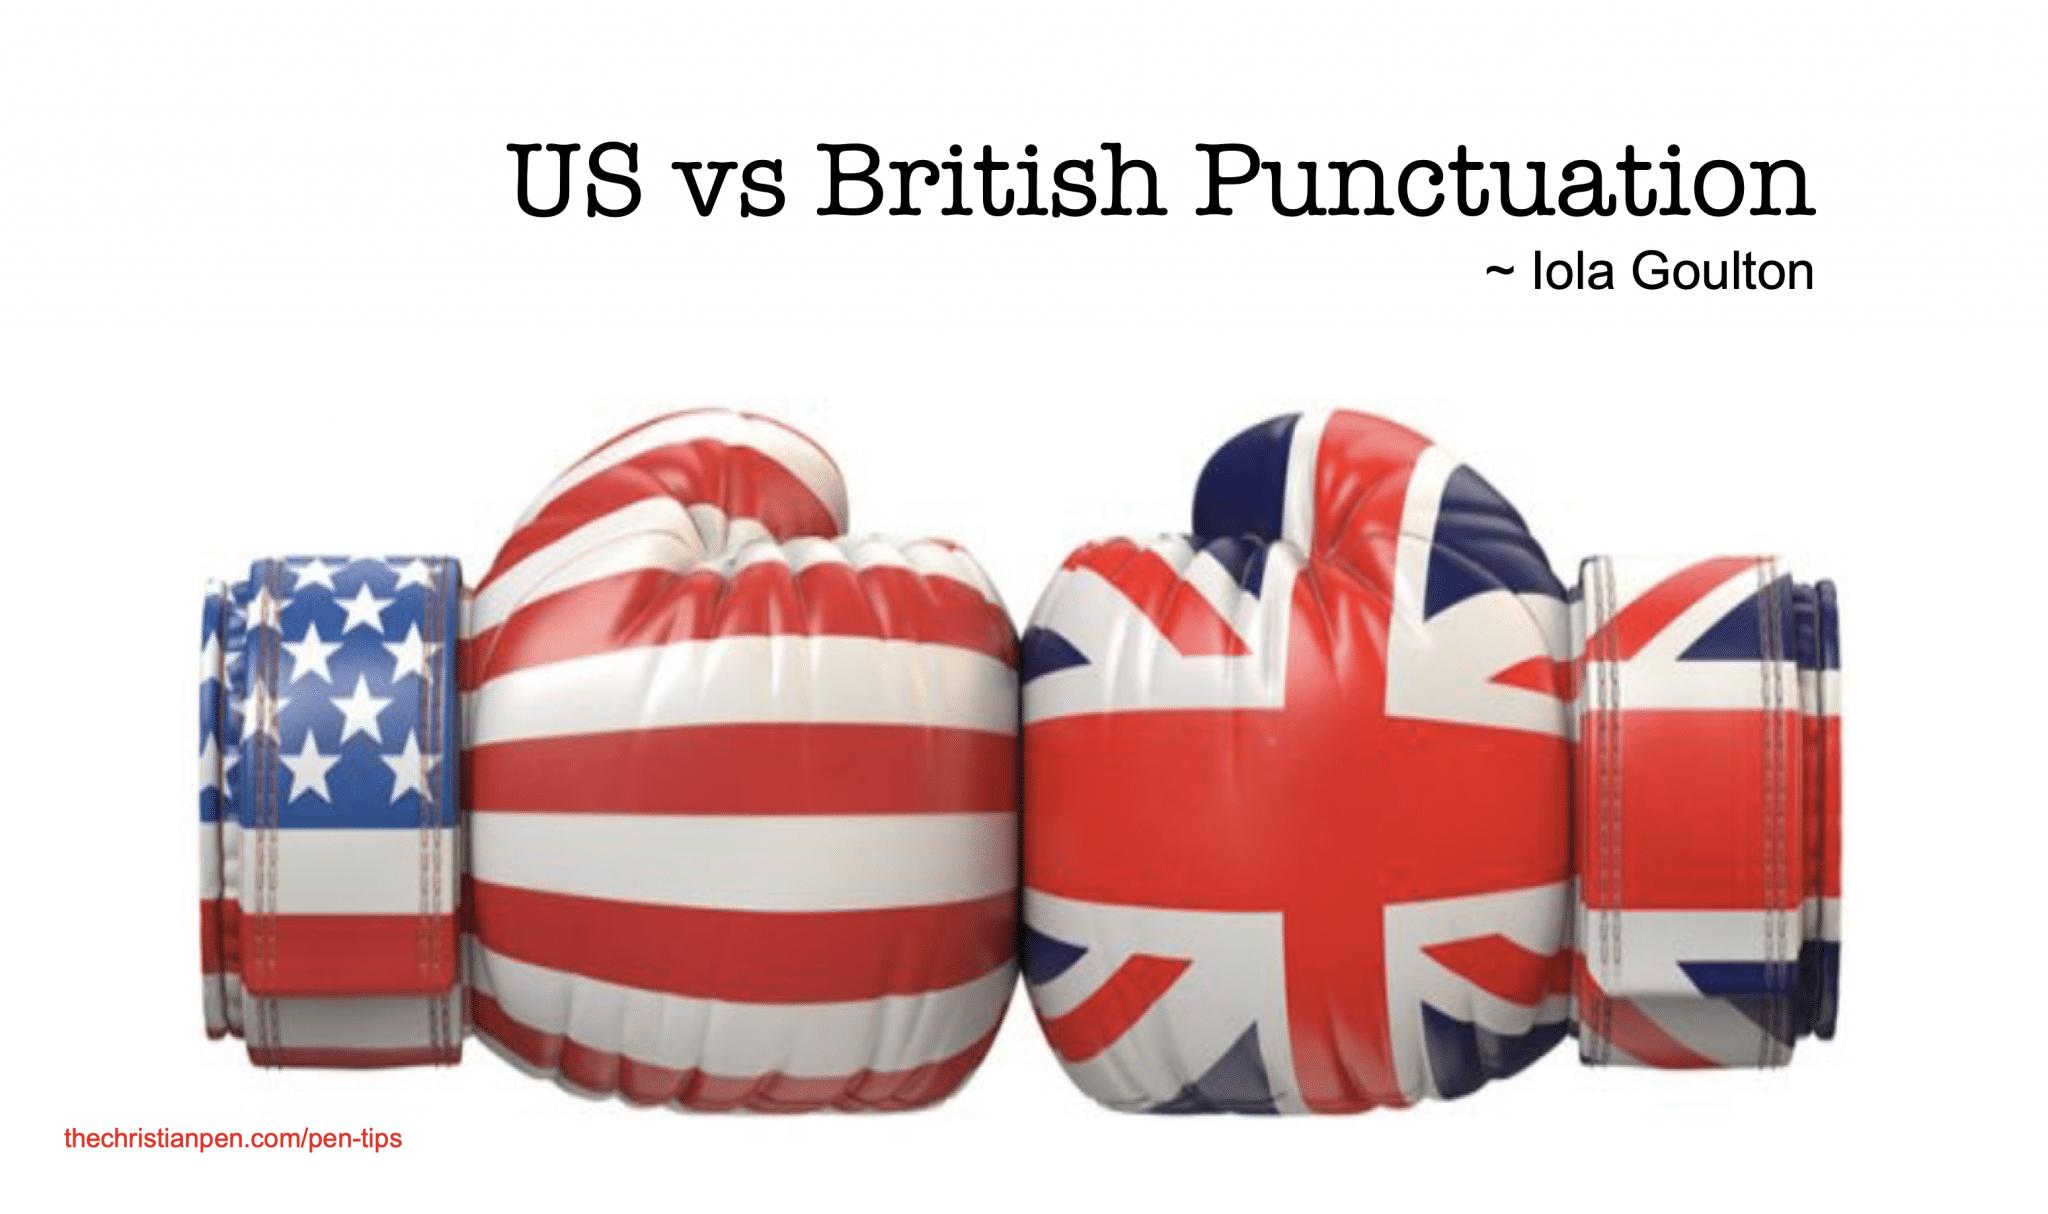 US vs British Punctuation